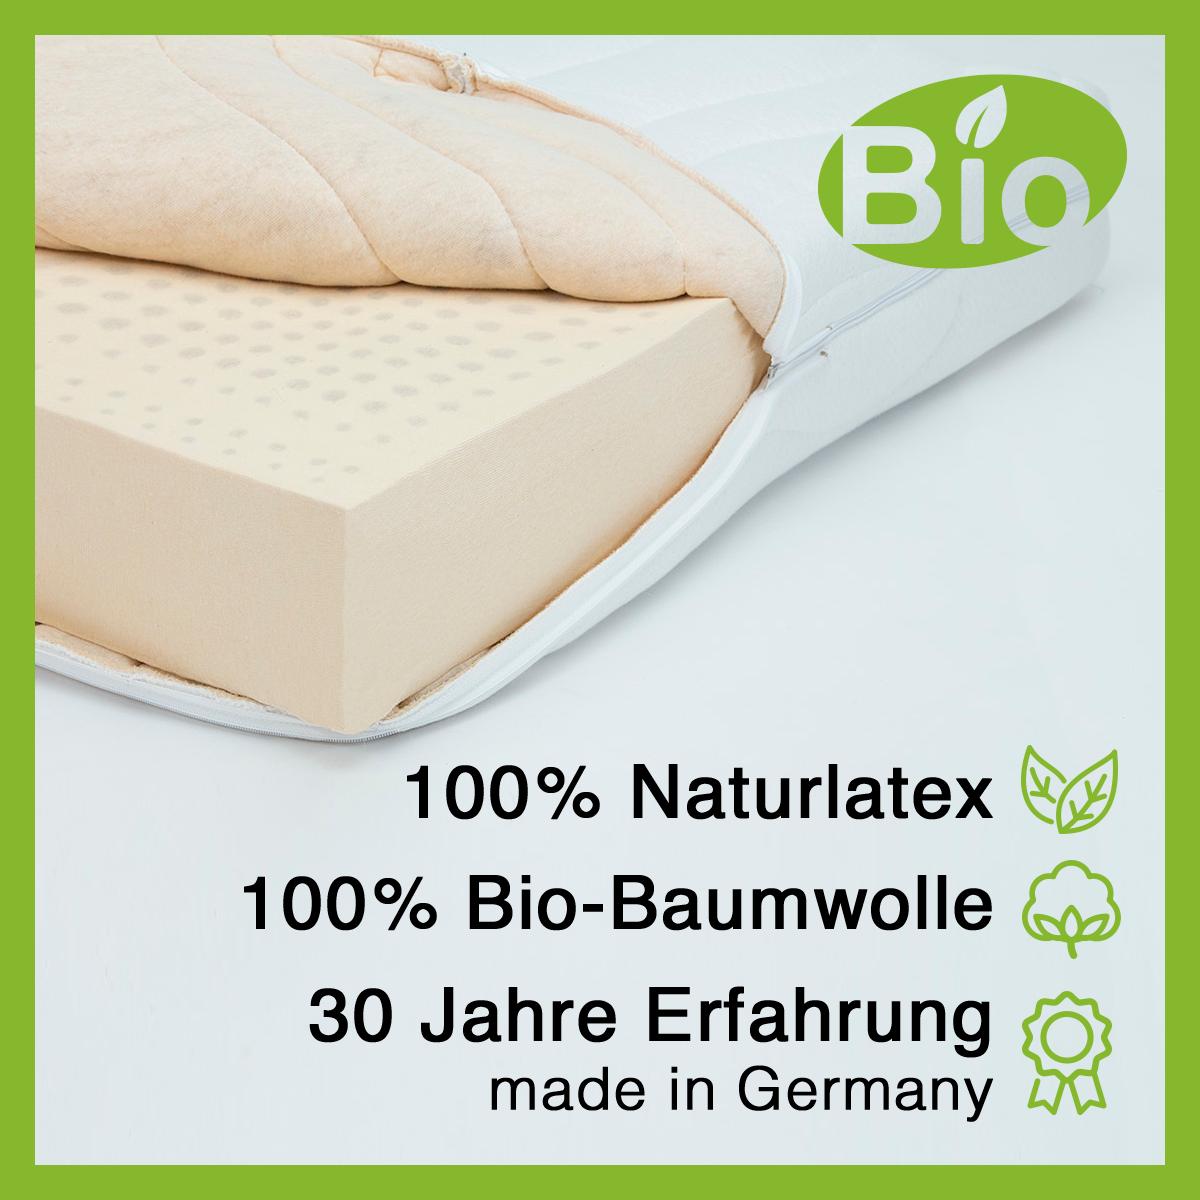 17 cm Naturmatratze,Bezug Bio-Baumwolle, 100% Naturlatex, direkt vom Hersteller